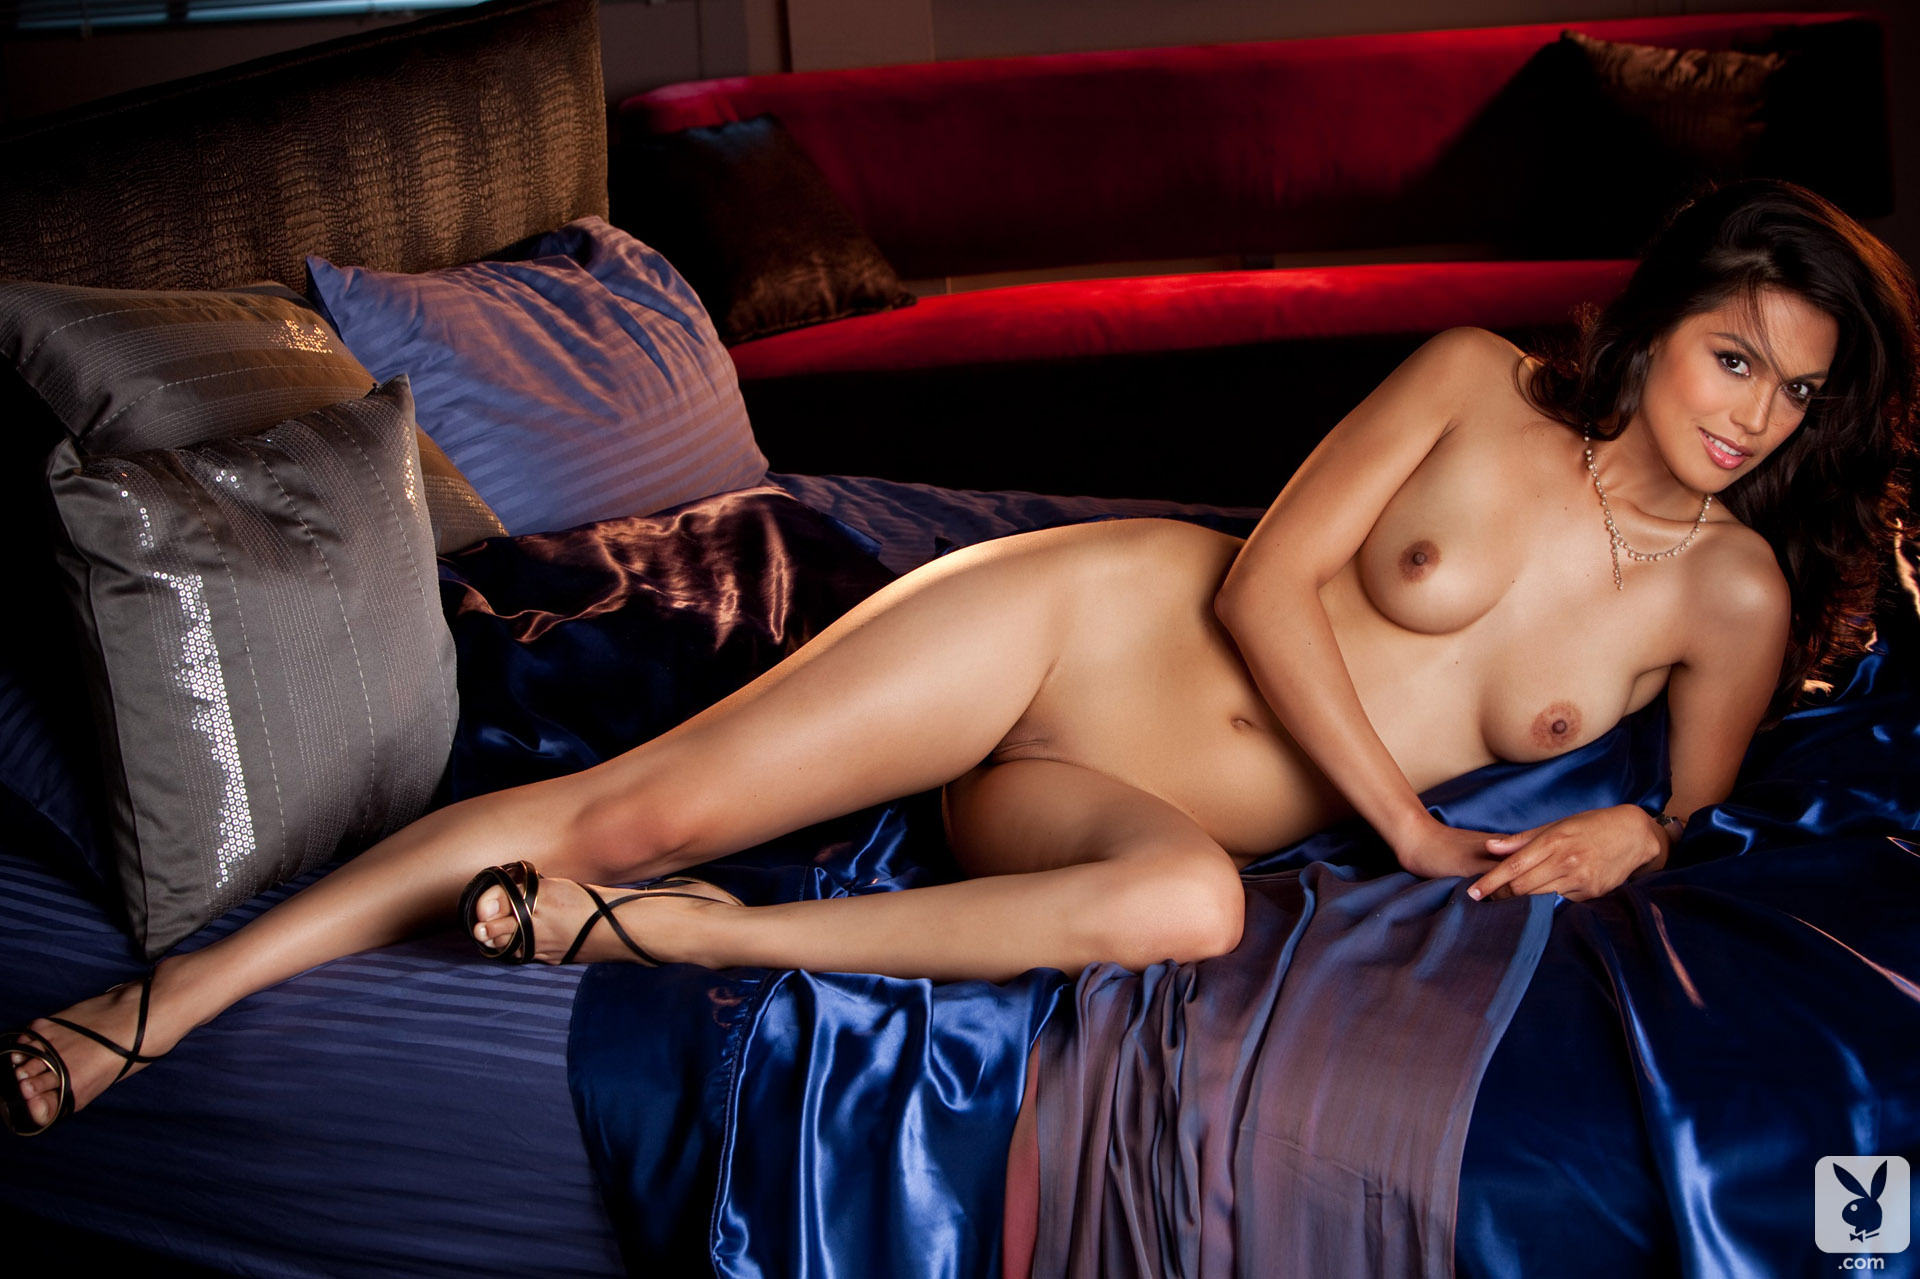 картинки полу голые девушки в темноте